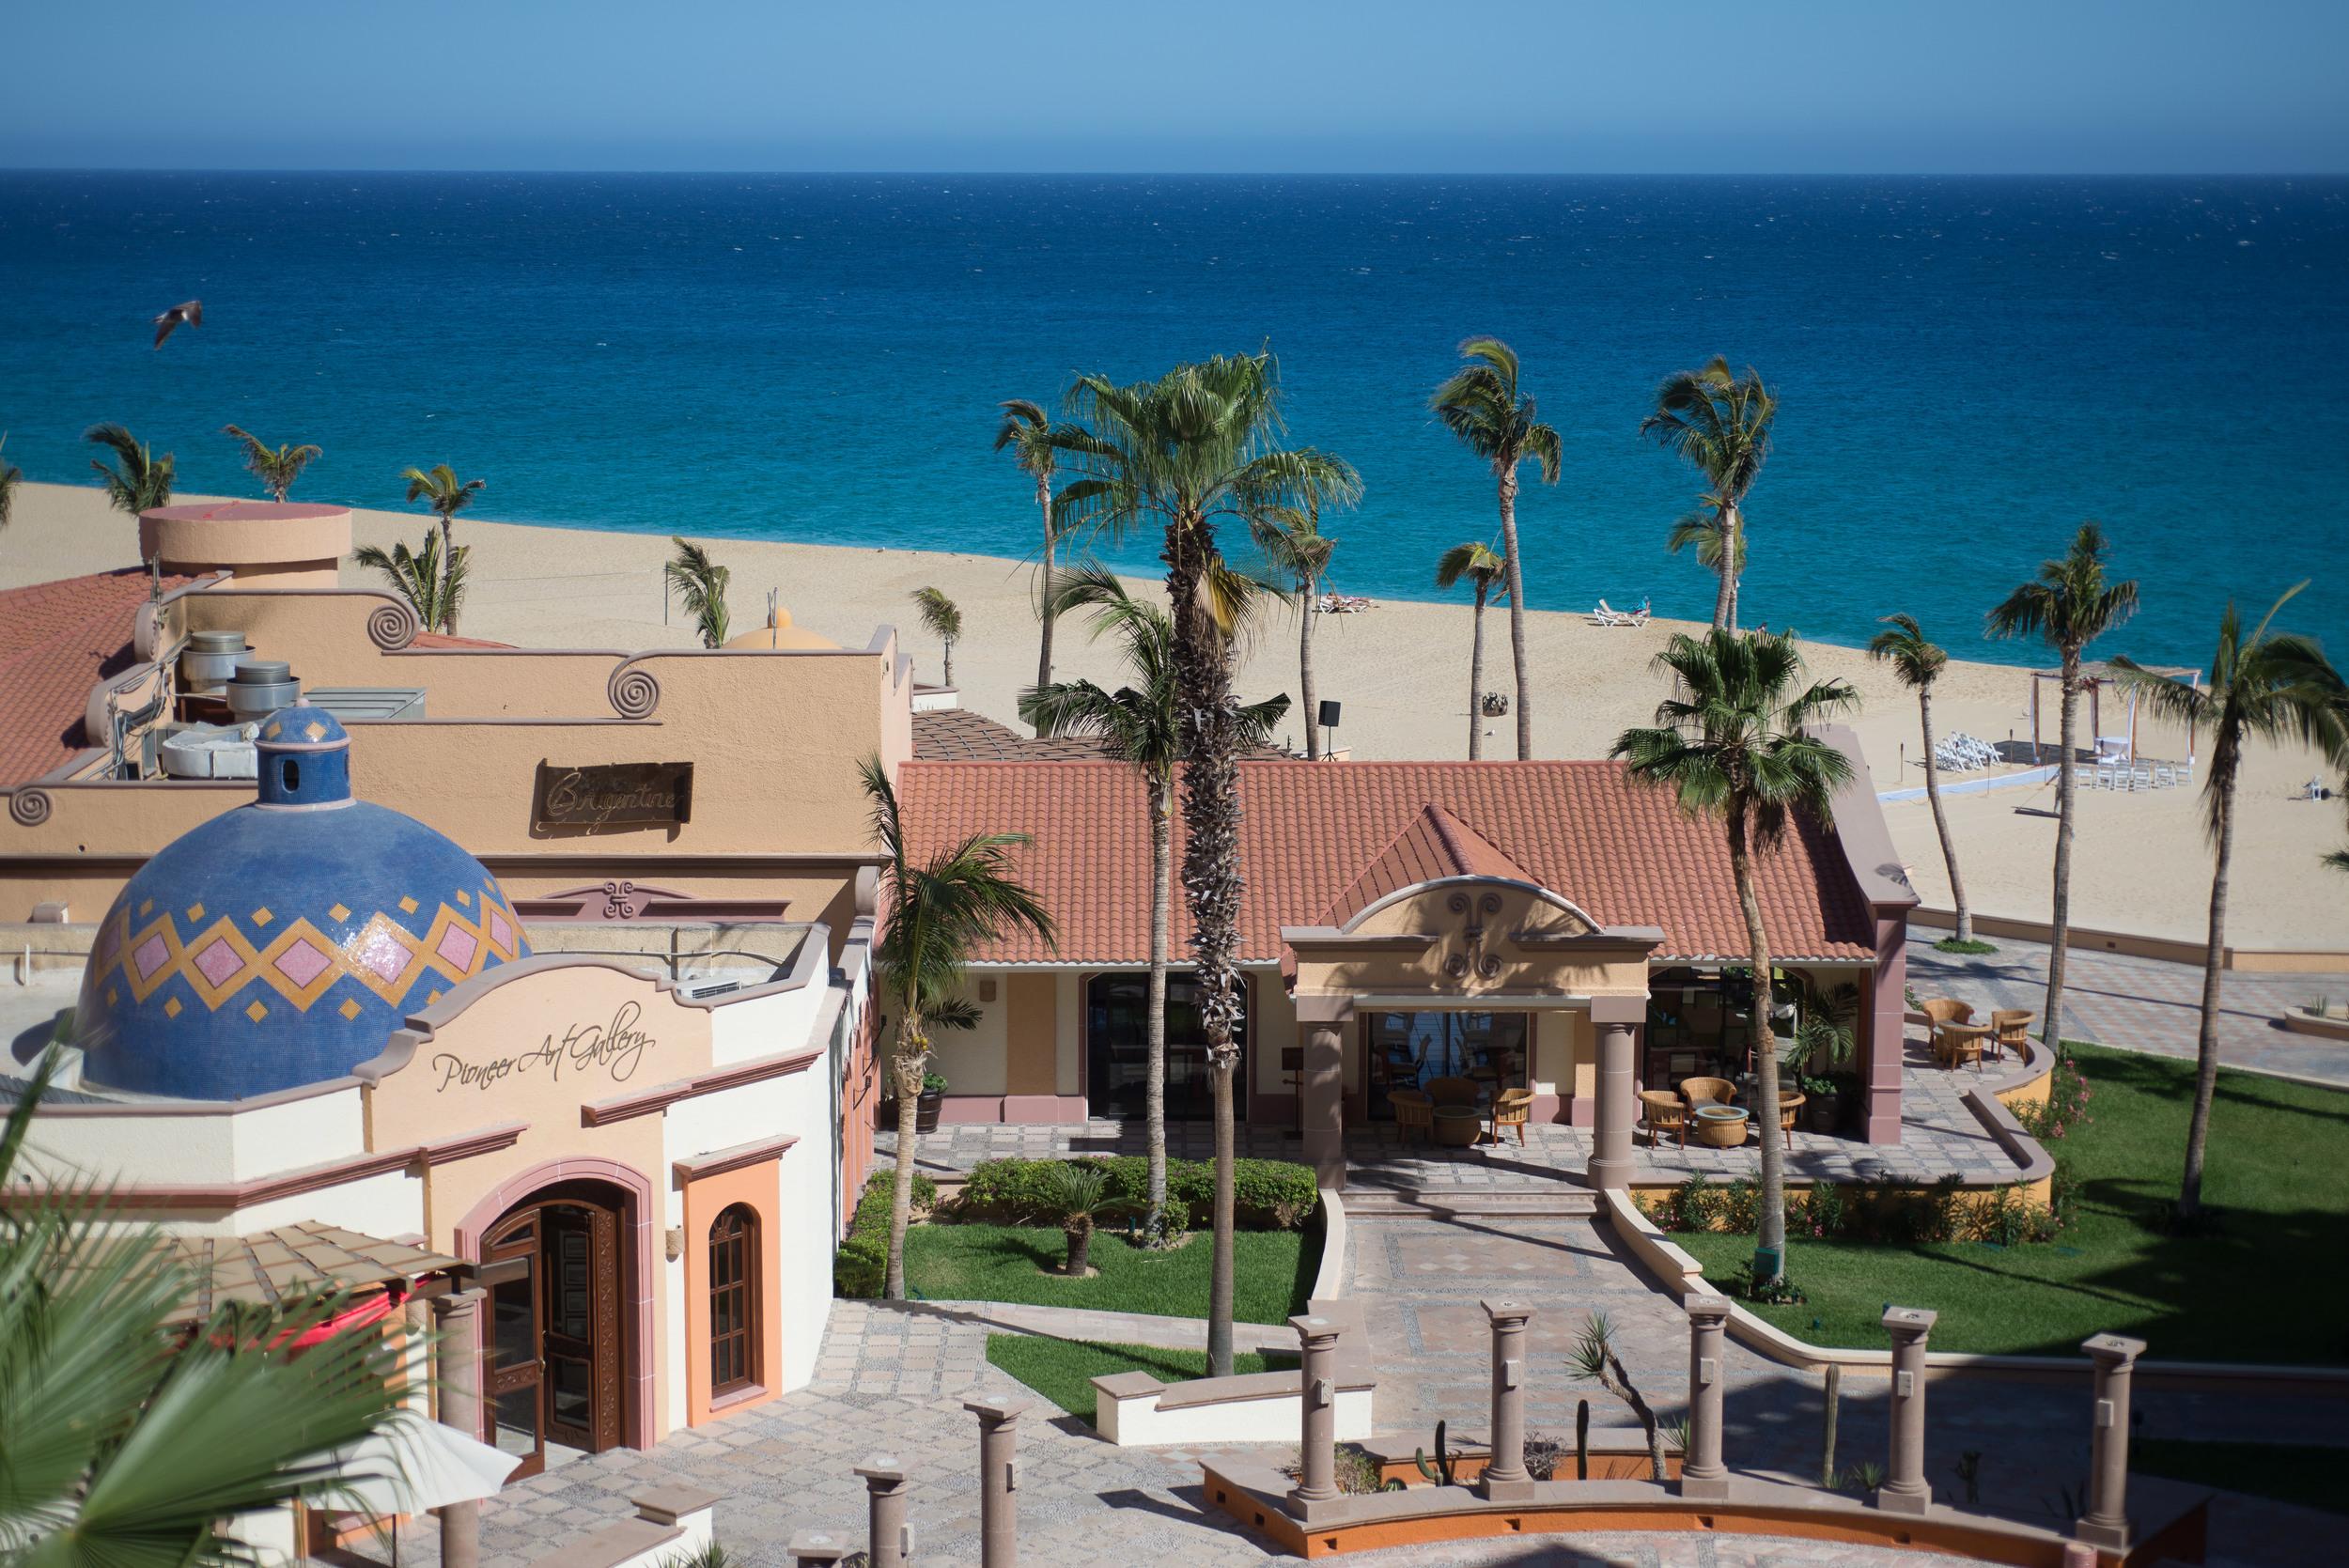 Playa-Grande-wedding-venue